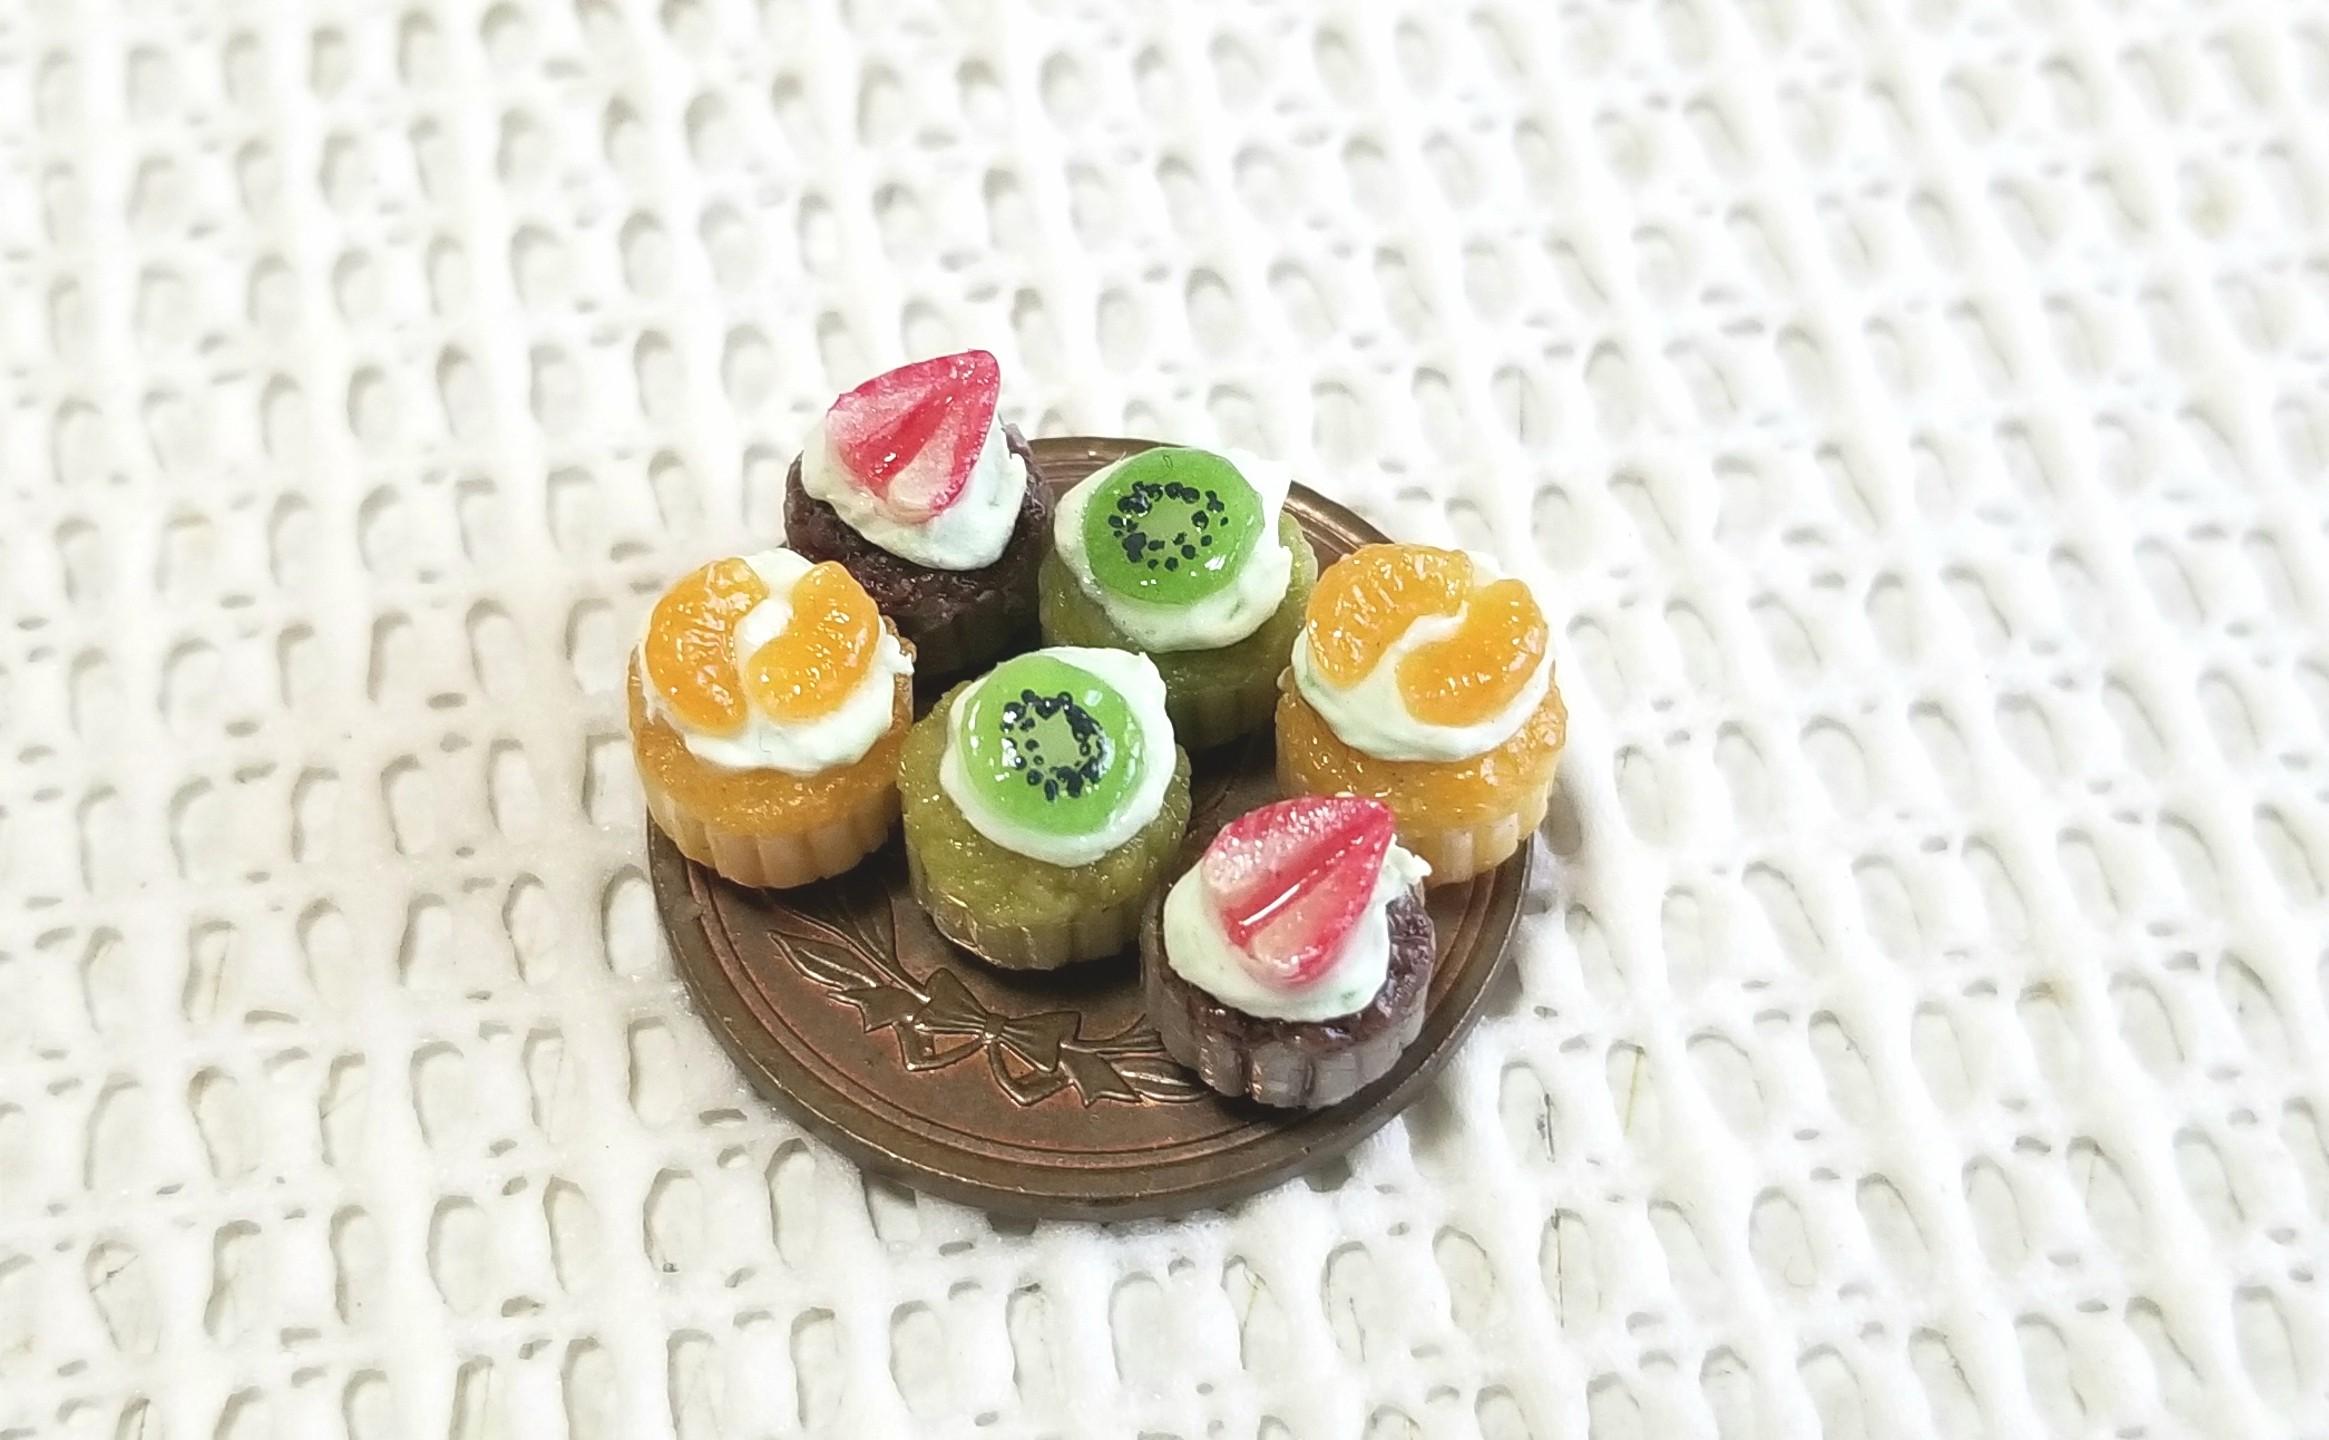 ミニチュア,カップケーキ,樹脂粘土,オビツろいど,ブライス